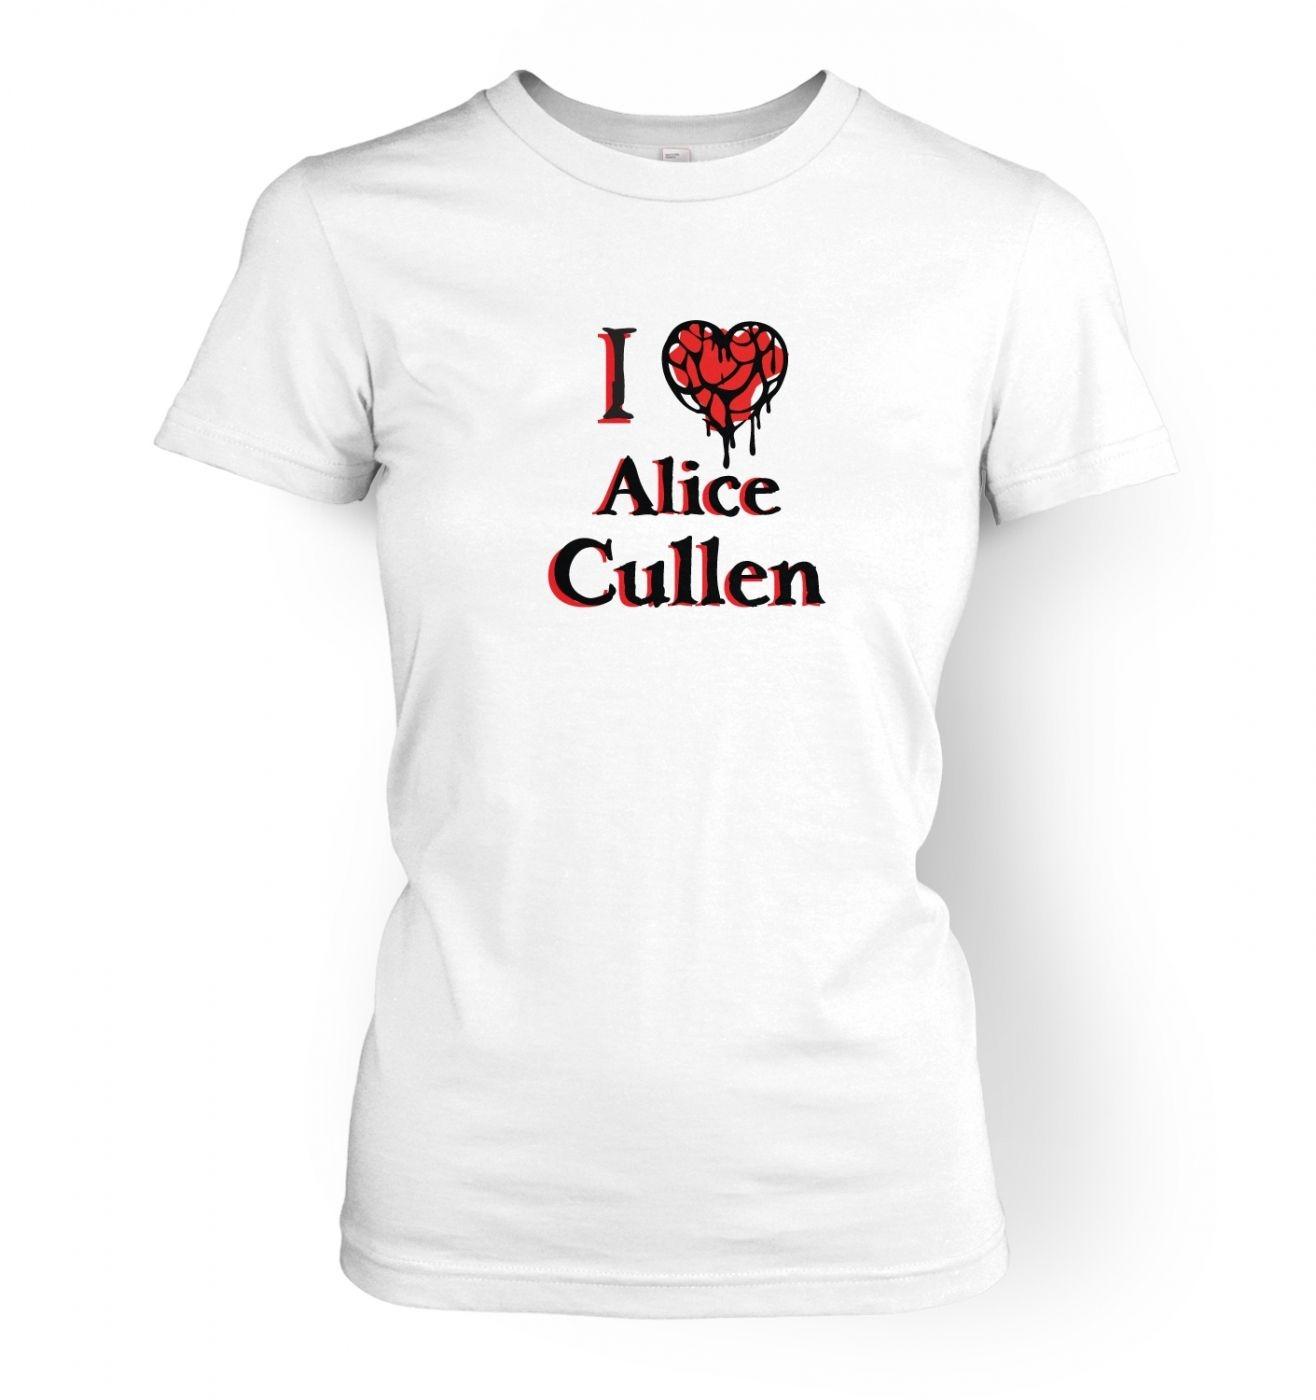 I heart Alice Cullen women's t-shirt